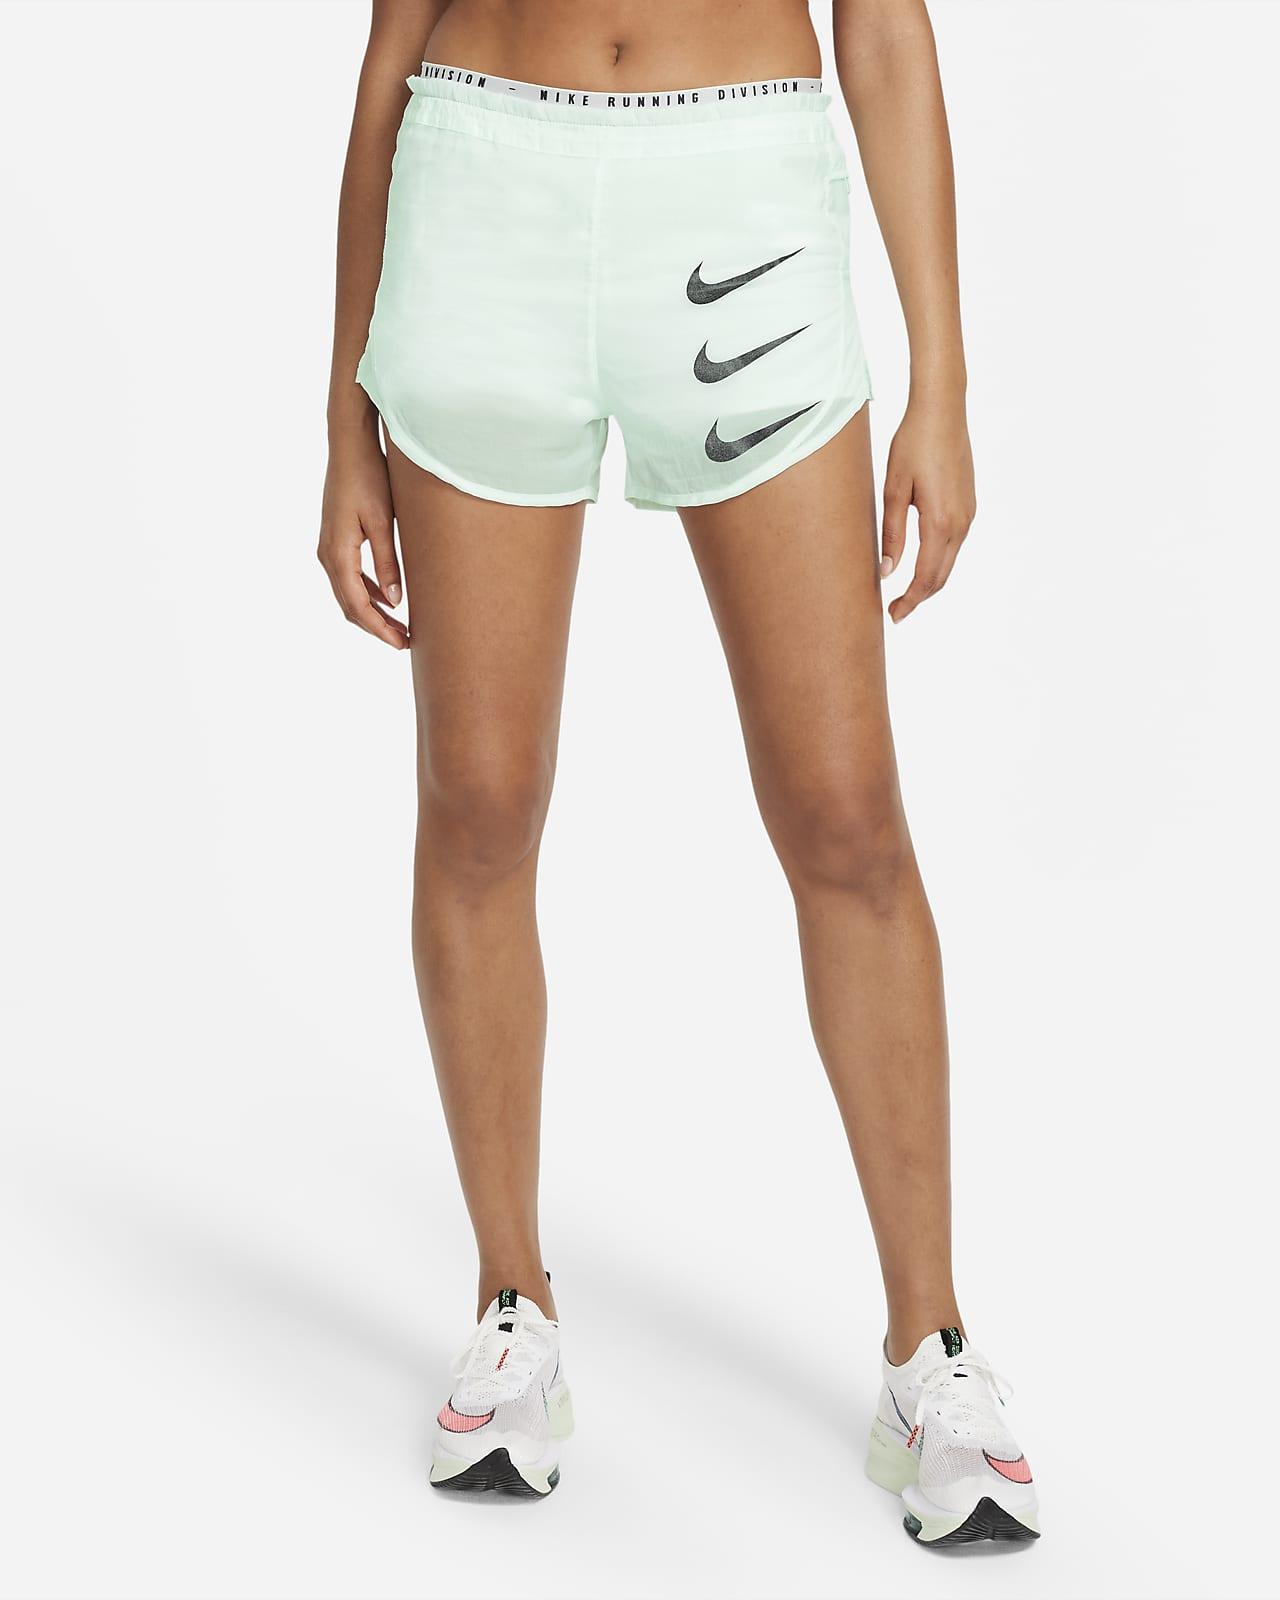 Nike Tempo Luxe Run Division Pantalón corto de running 2 en 1 - Mujer